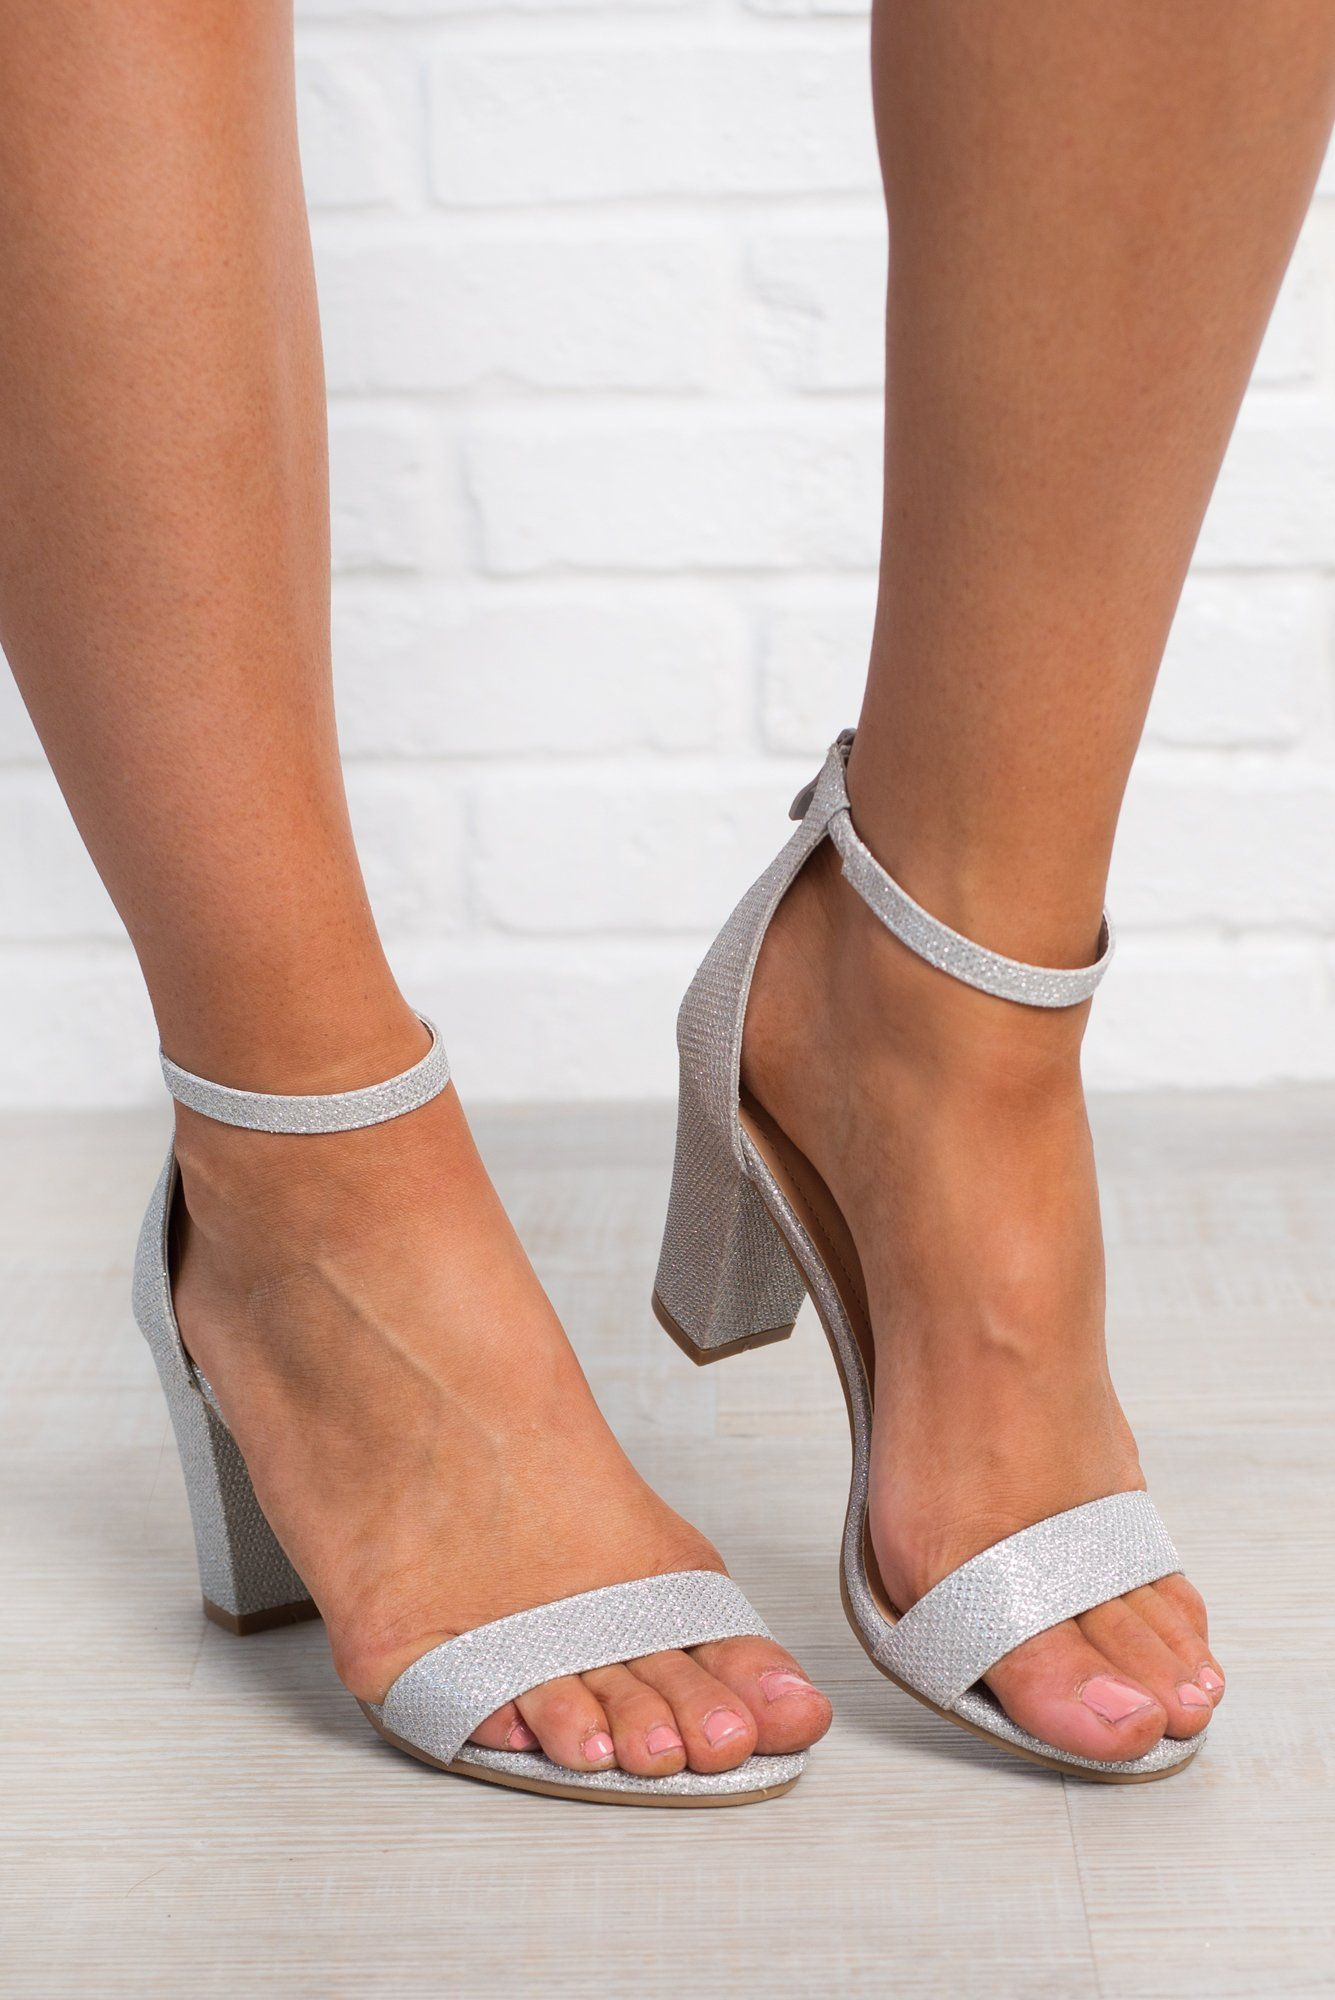 cbc6de800ea Harper Heels (Silver) - NanaMacs